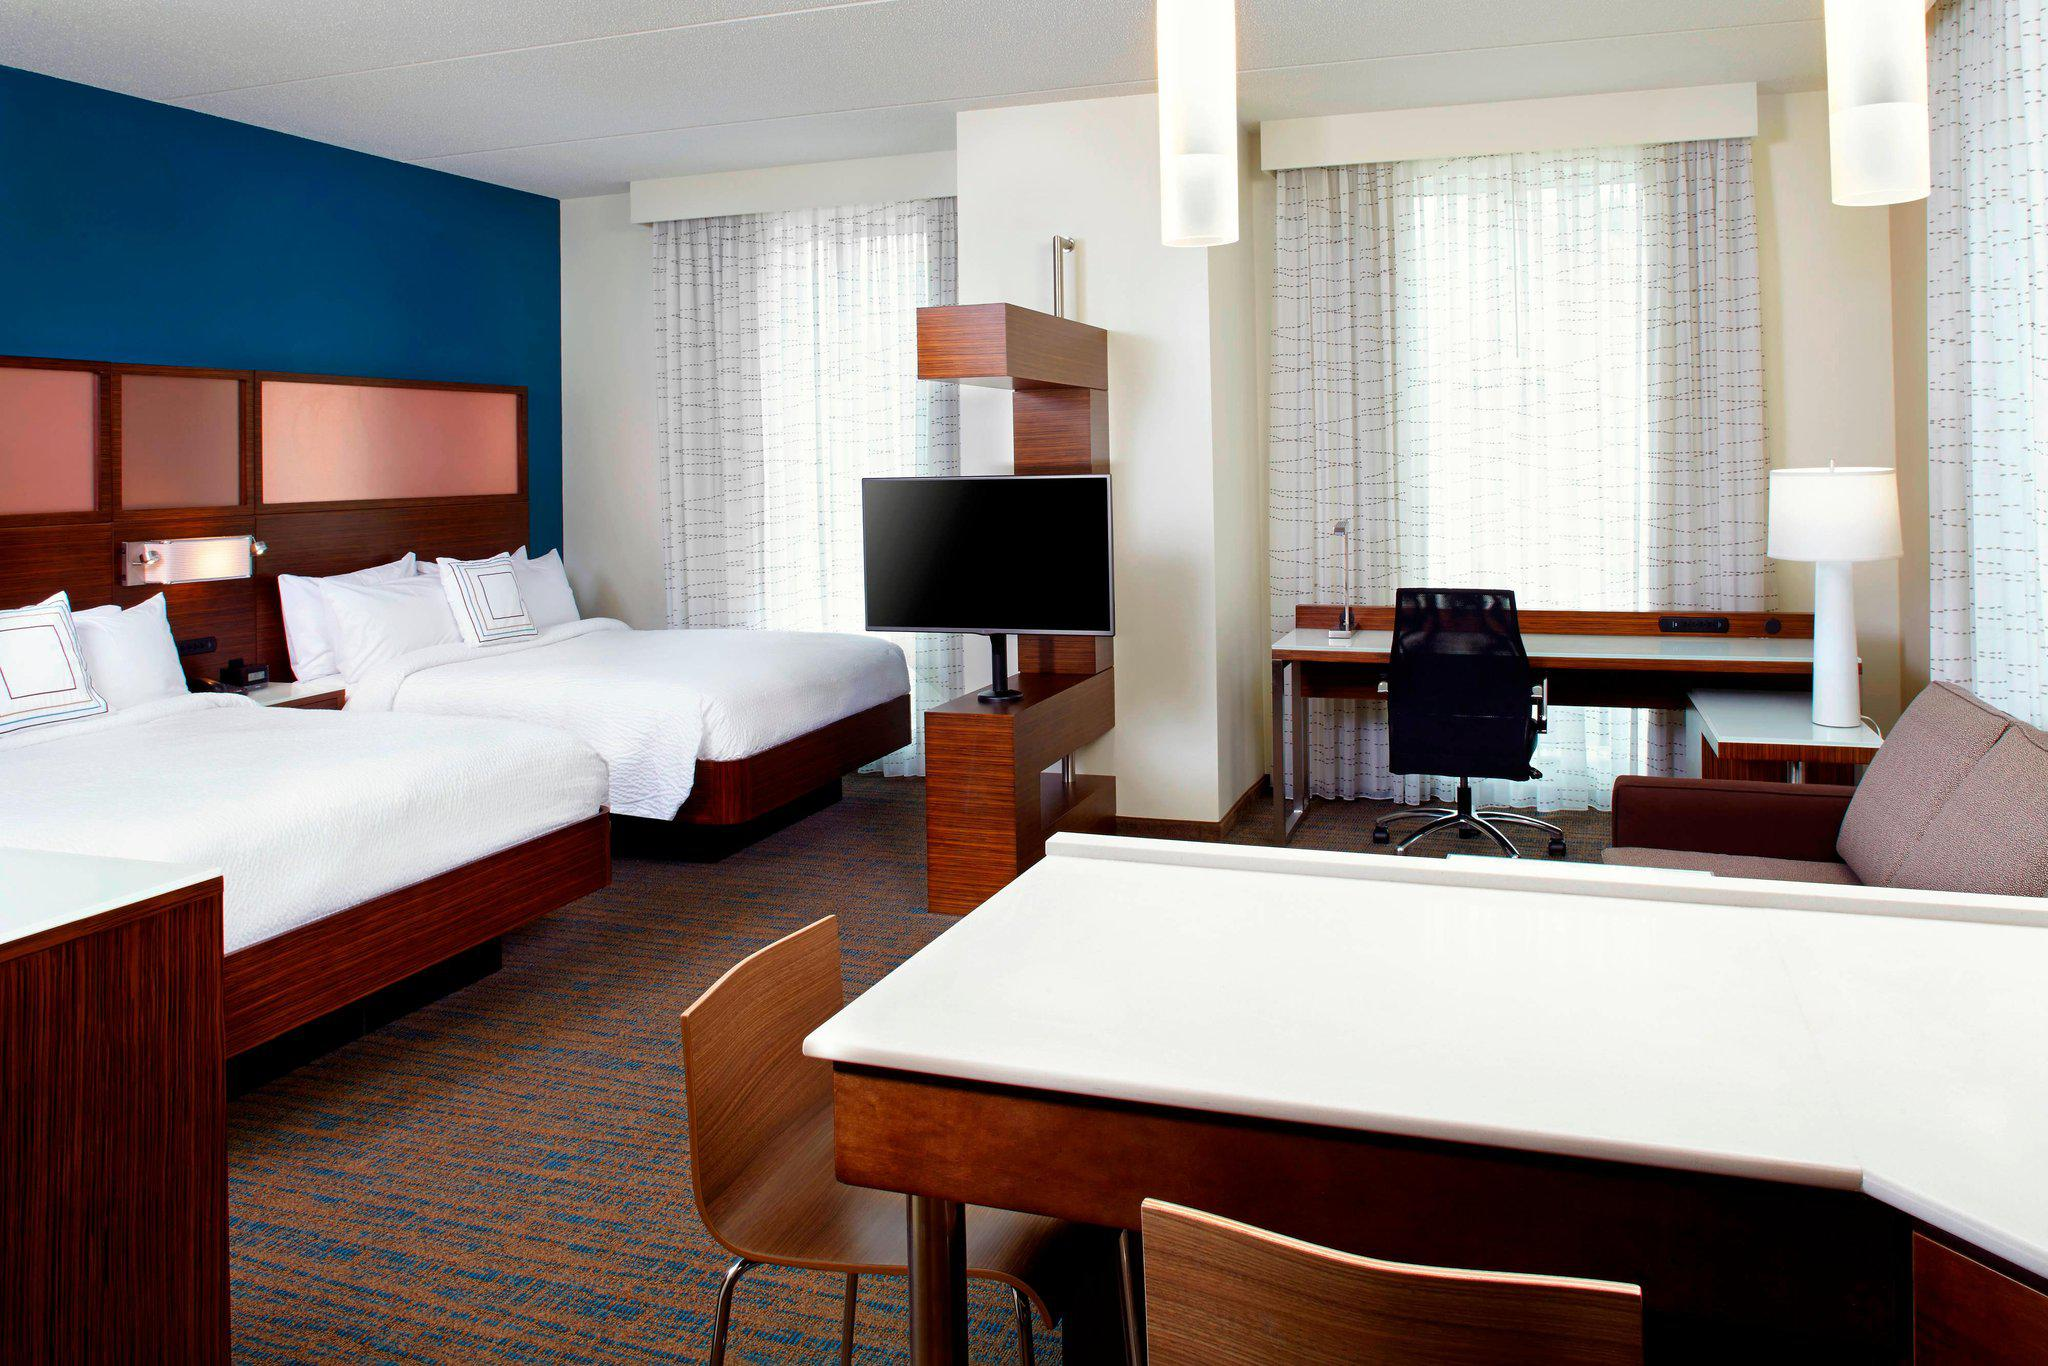 Residence Inn by Marriott Durham McPherson/Duke University Medical Center Area